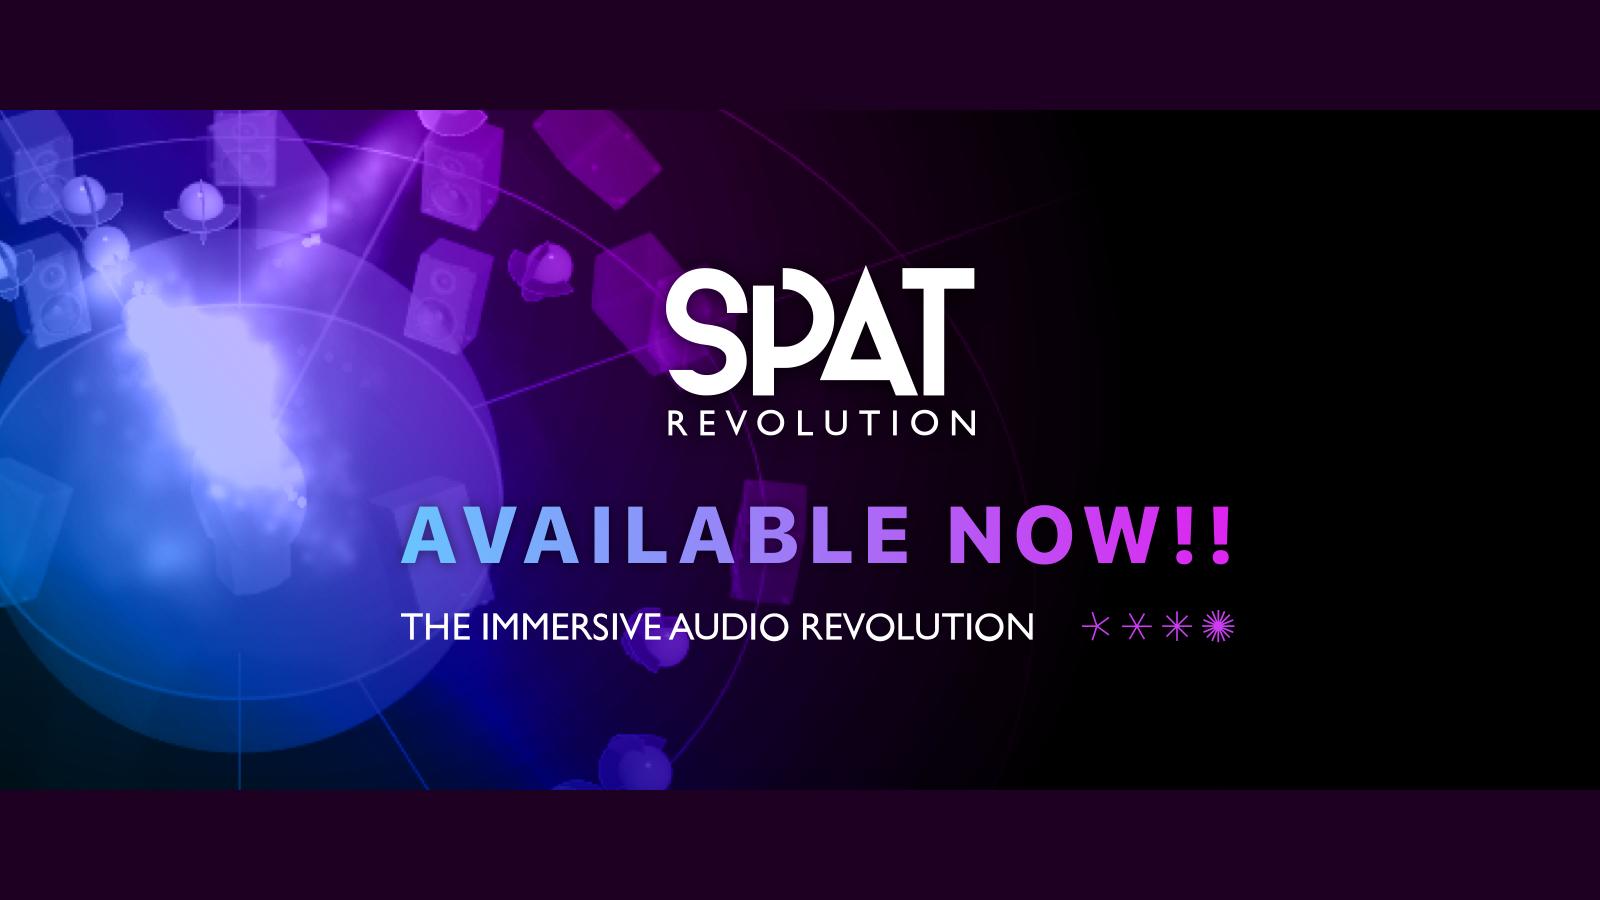 SPAT REVOLUTION、統合型3Dオーディオ編集アプリケーション、遂に登場!